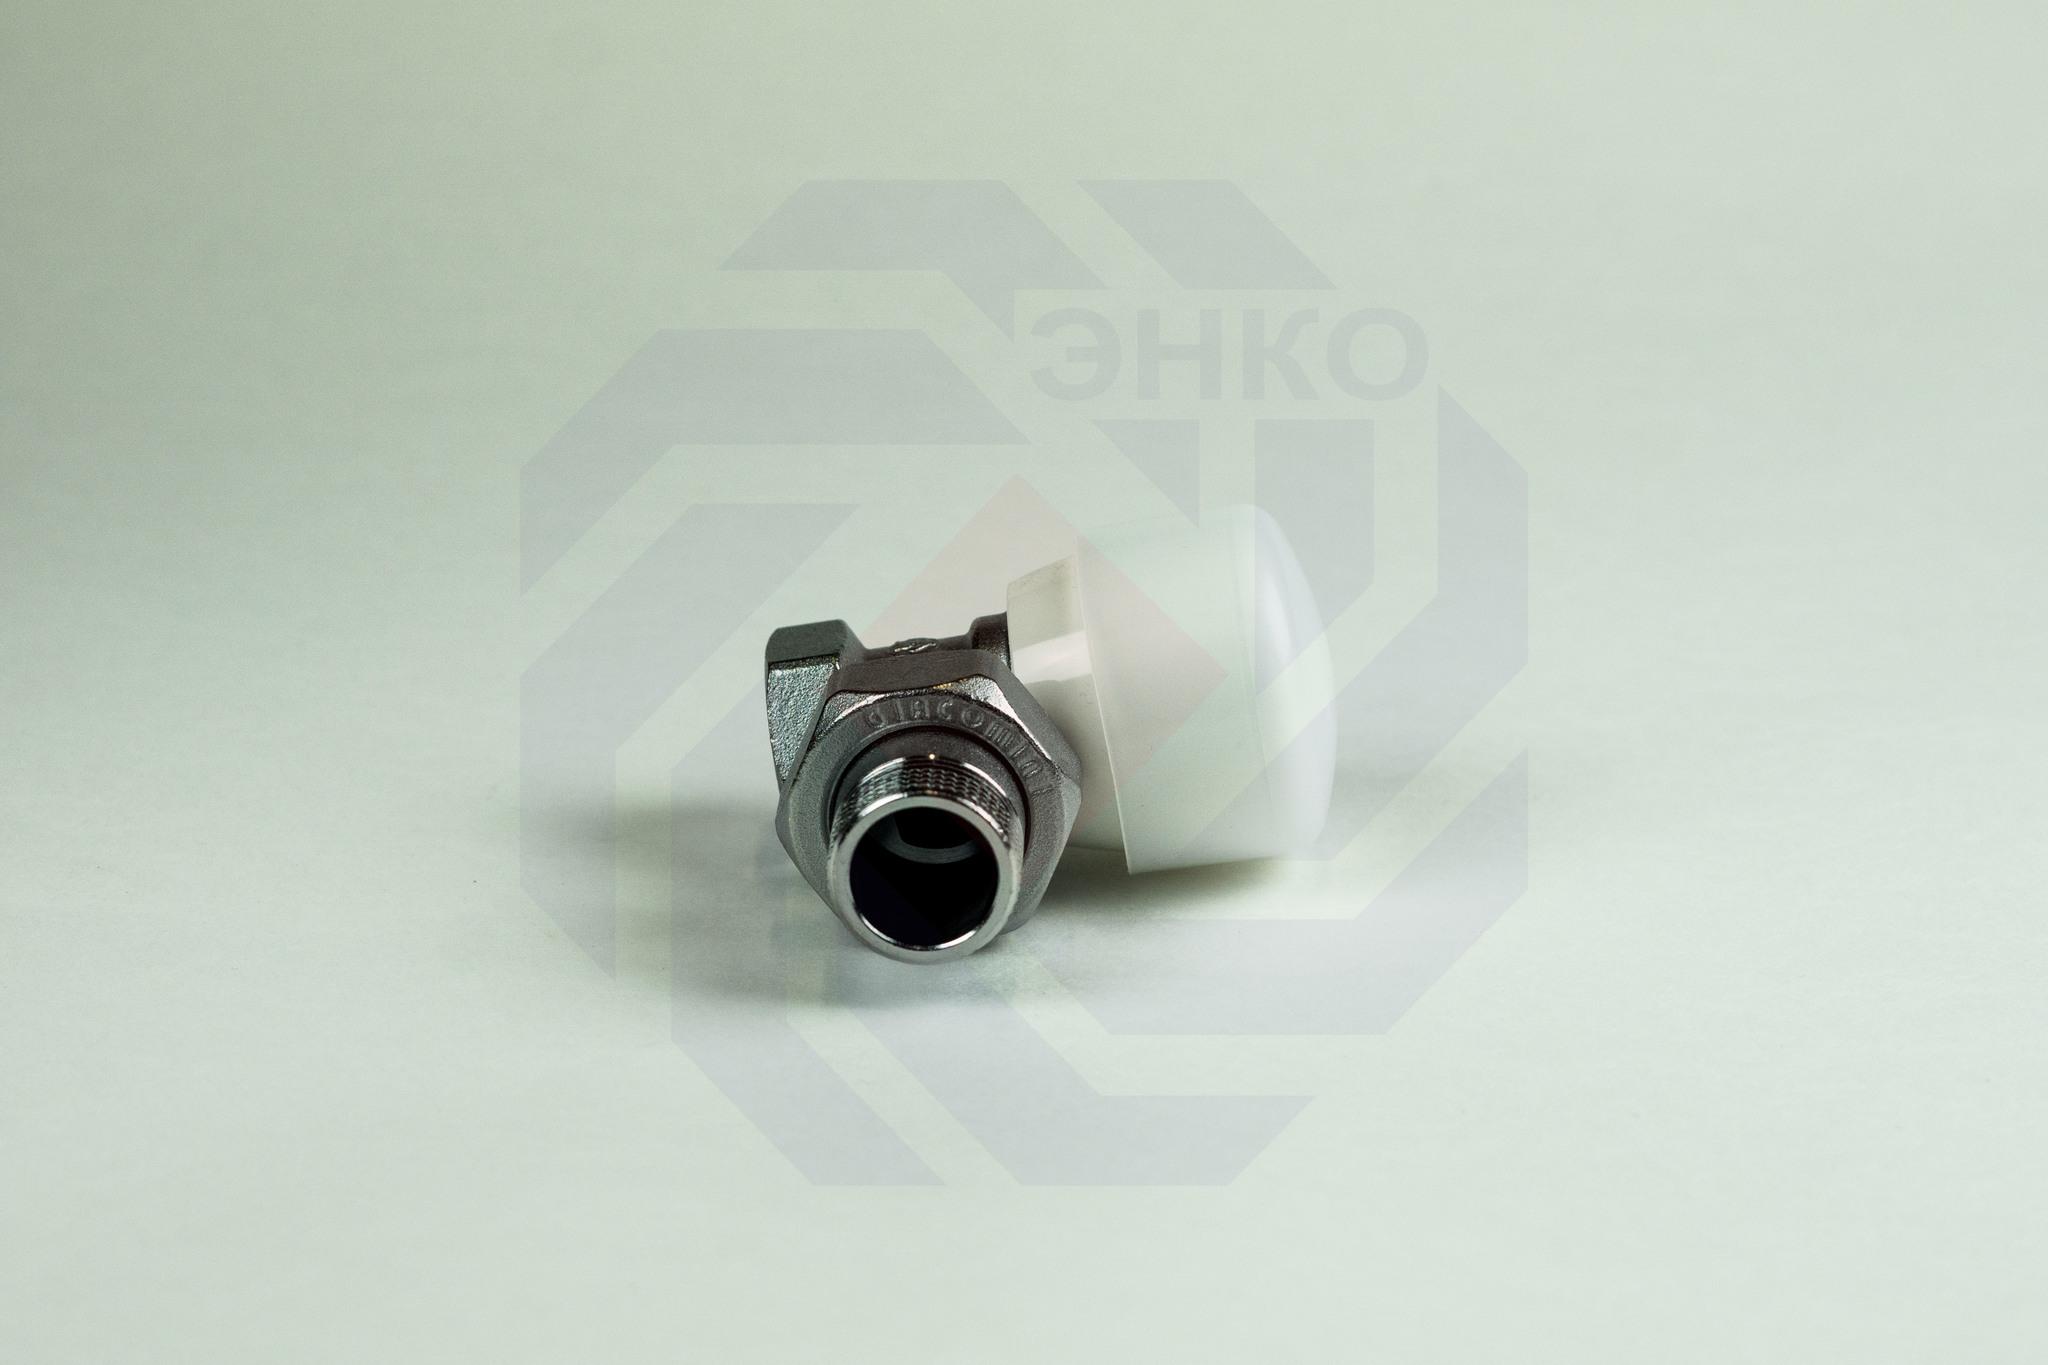 Клапан радиаторный ручной GIACOMINI R5TG угловой ¾